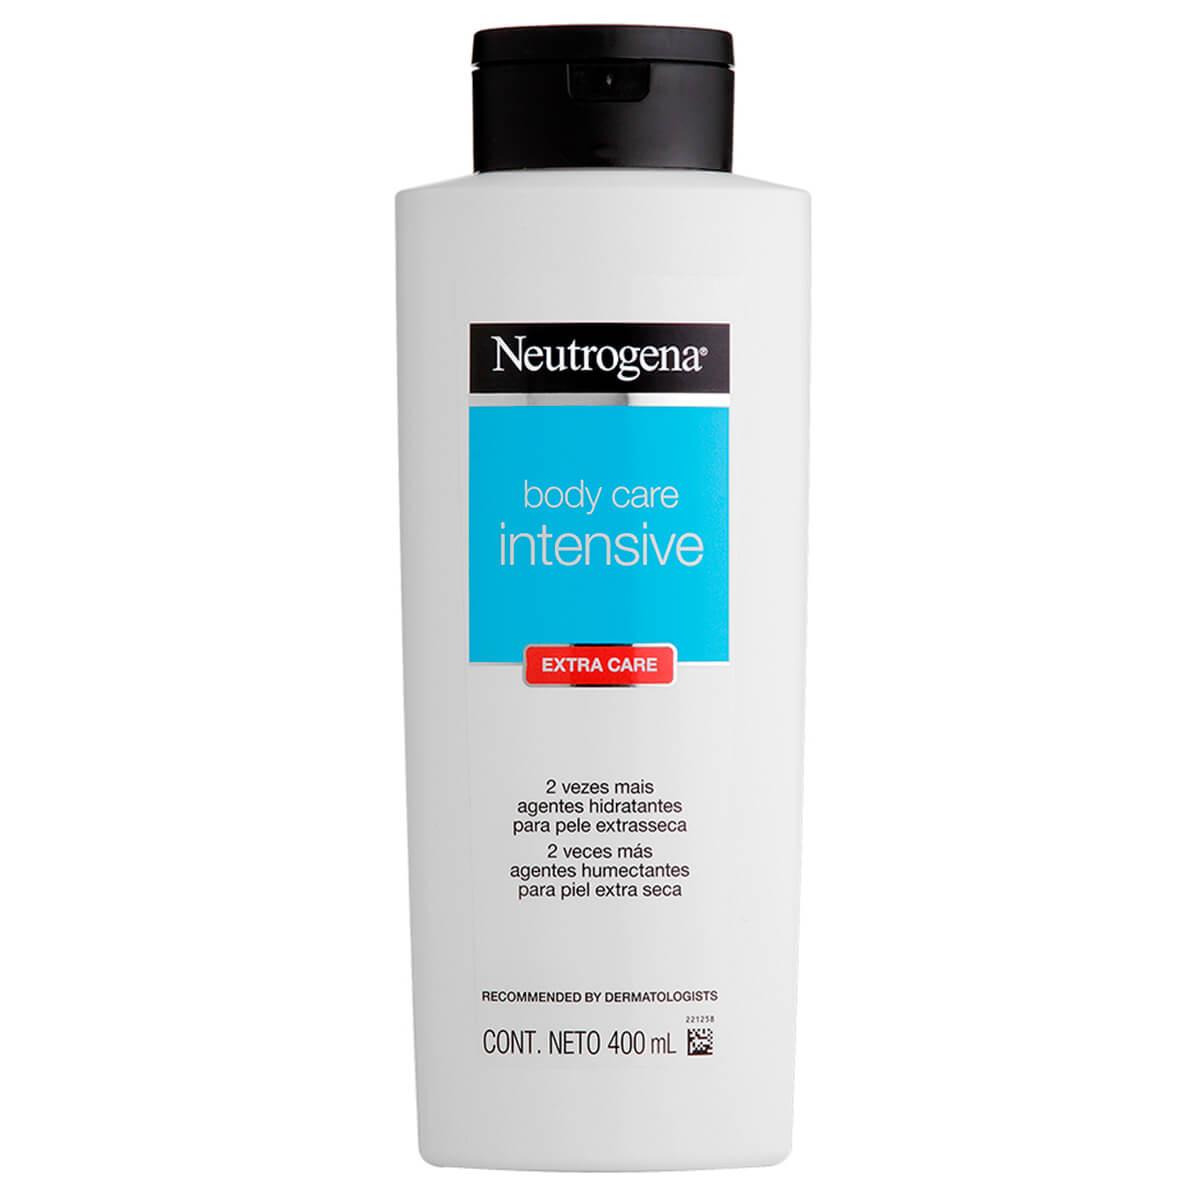 Hidratante Neutrogena Body Care Intensive Extra Care com 400ml 400ml